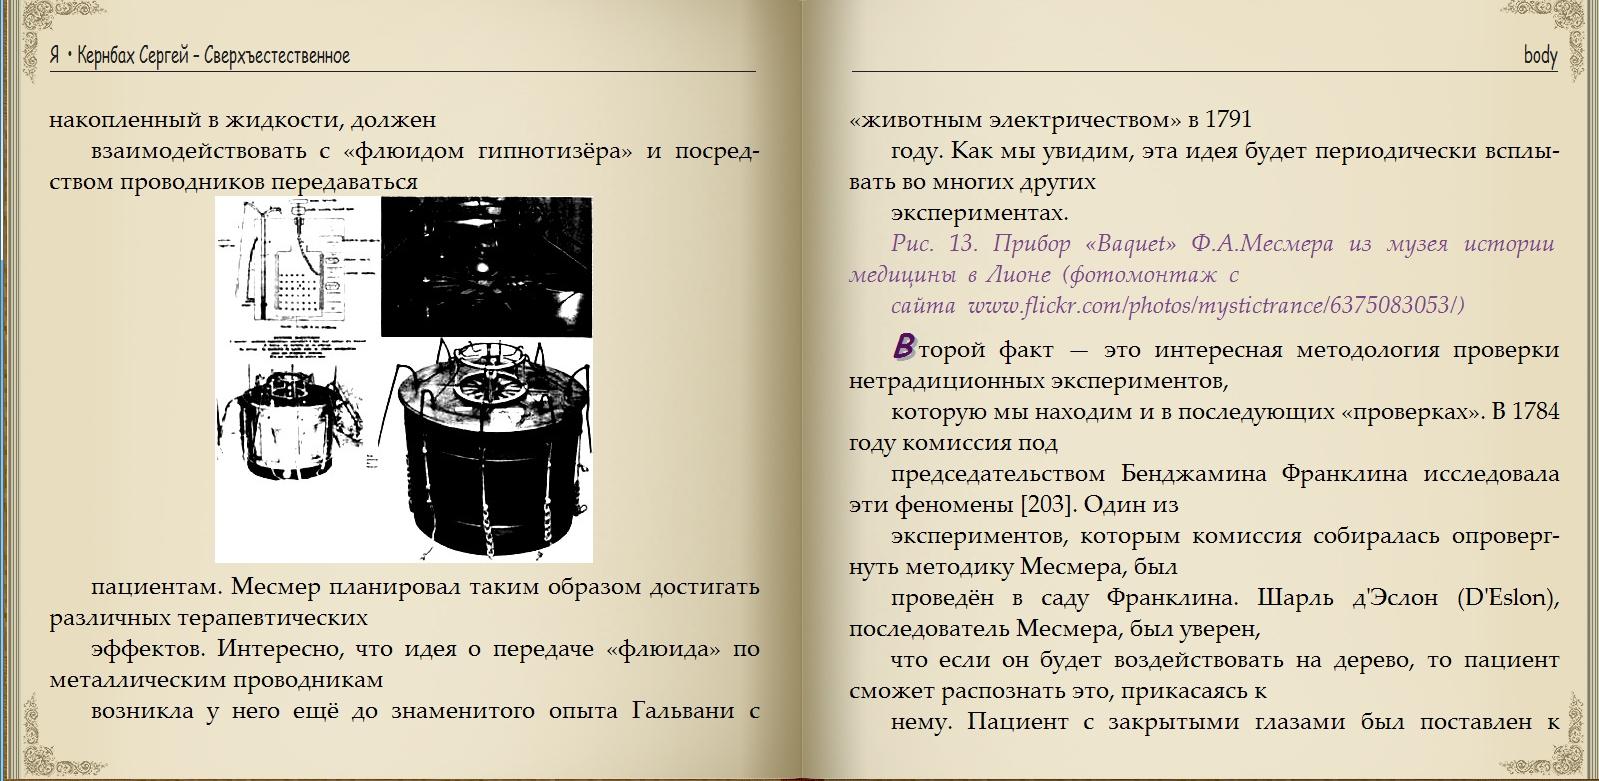 Кернбах Сергей - Сверхъестестественное. Научно доказанные факты (2015) FB2